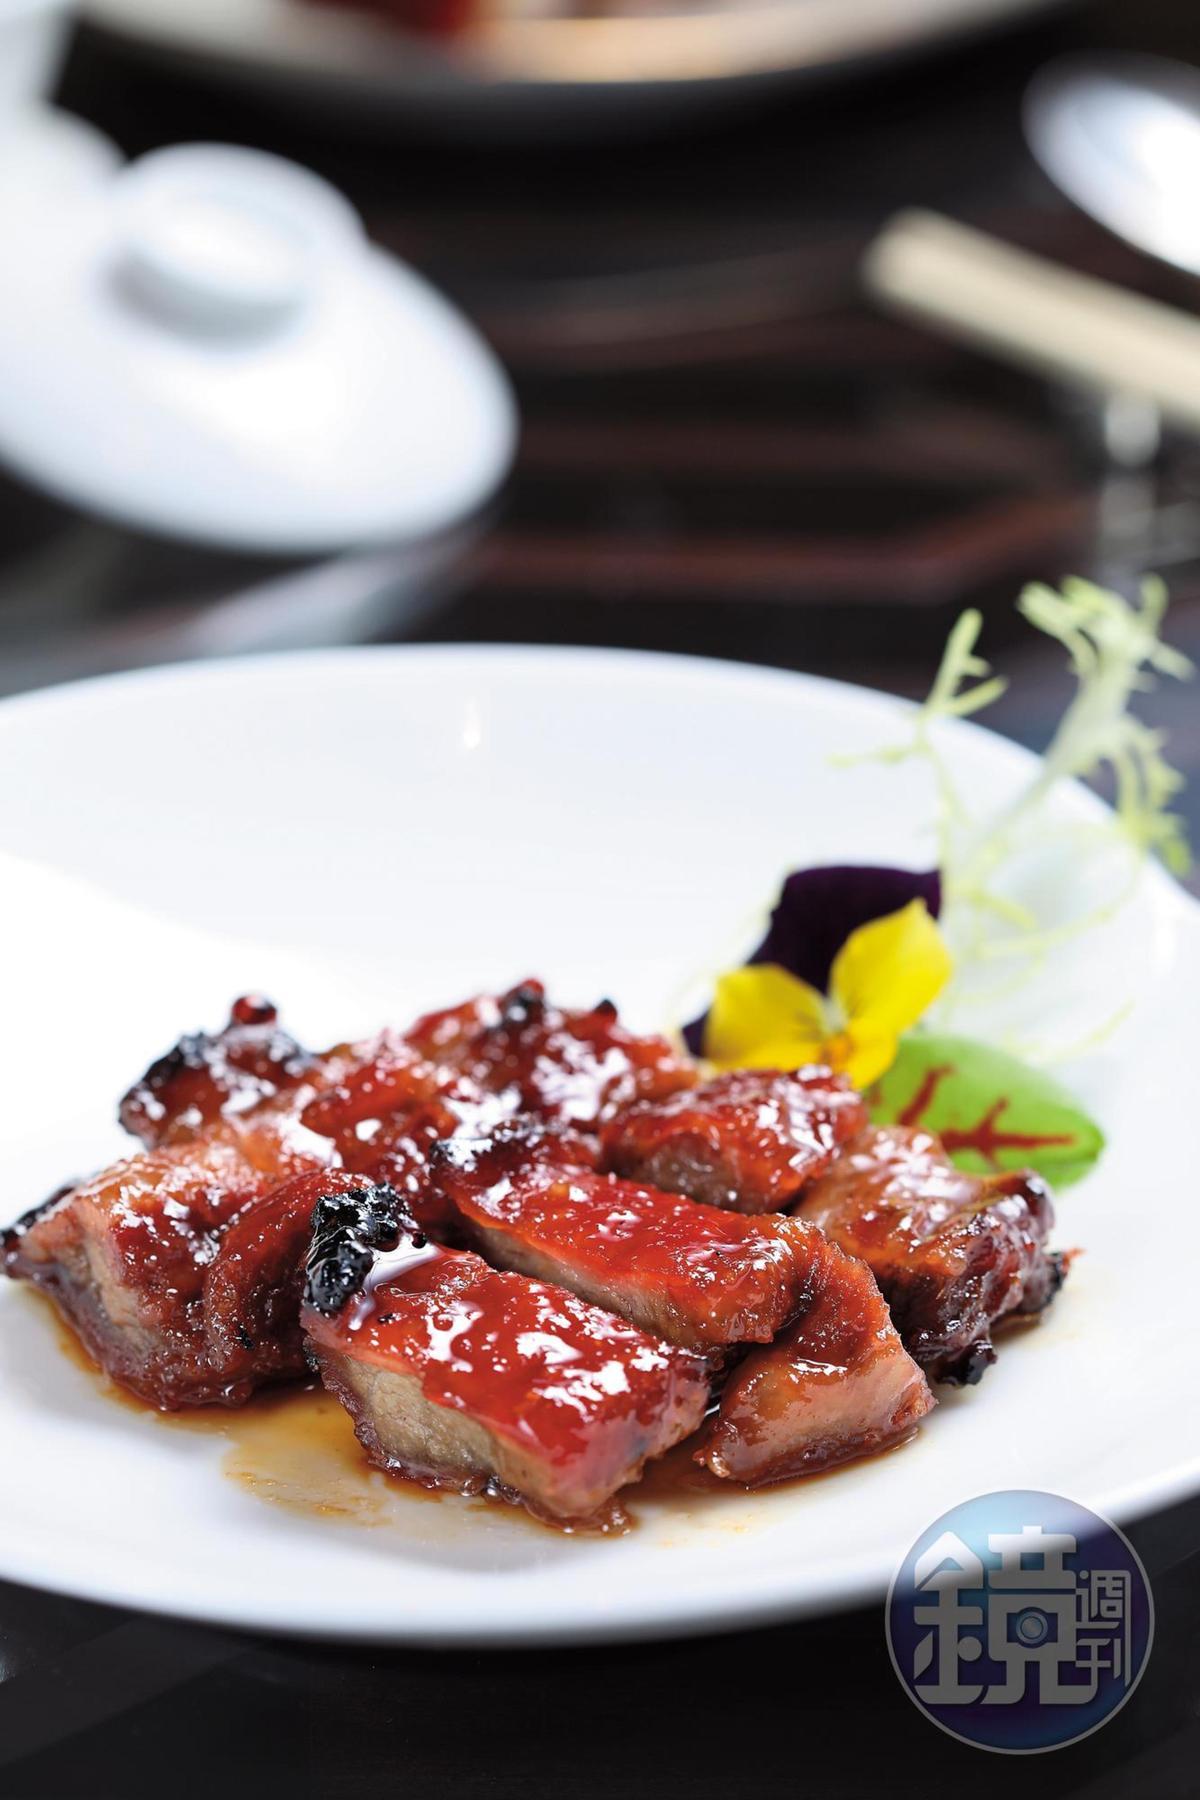 「蜜汁西班牙黑毛豬叉燒」越吃越涮嘴。(48歐元/份,約NT$1,690)